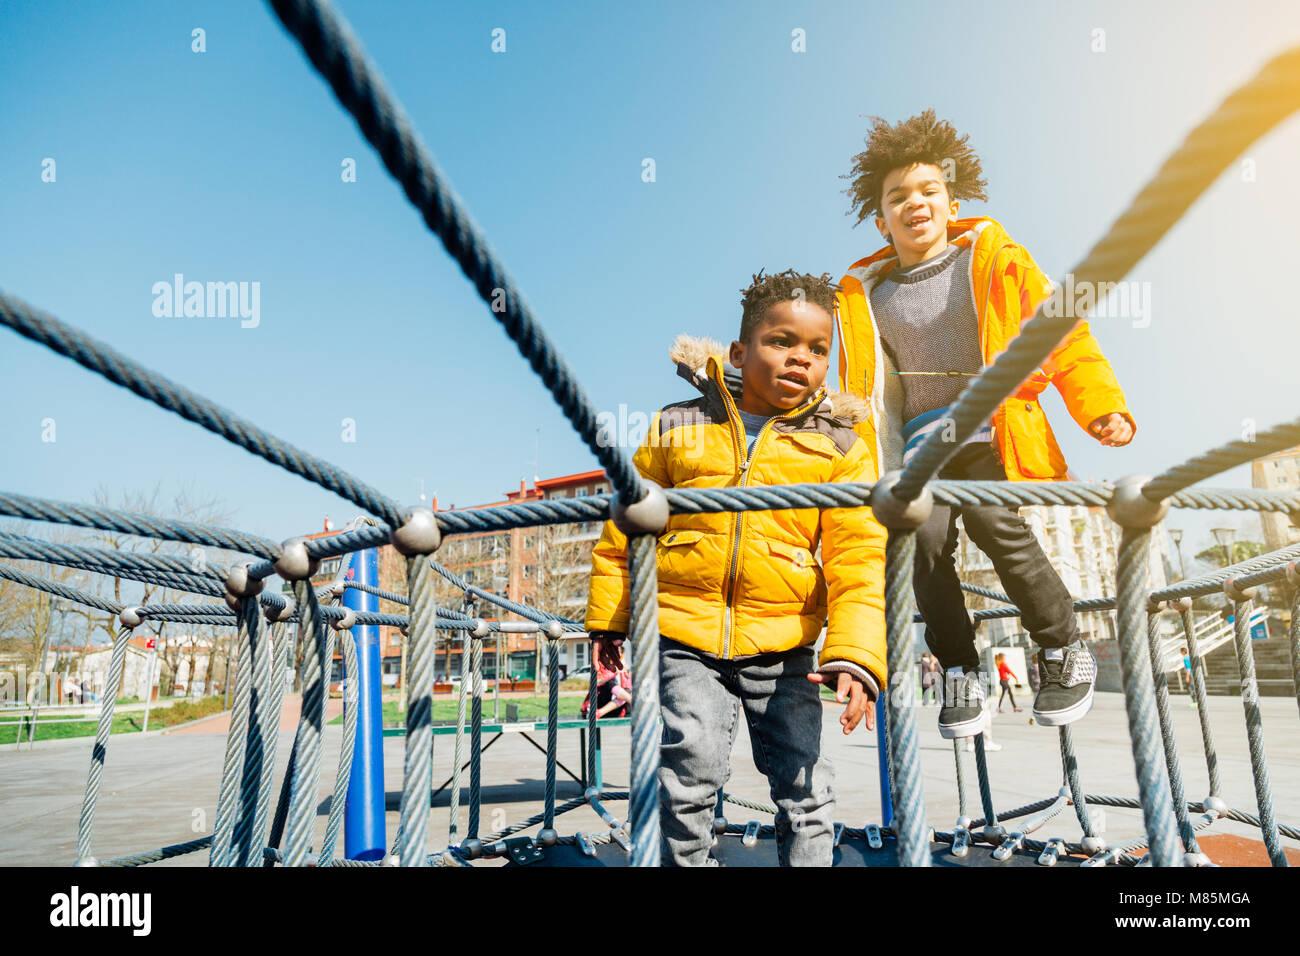 Dos niños con abrigos amarillo saltar en la cama elástica en un parque en un día soleado Imagen De Stock